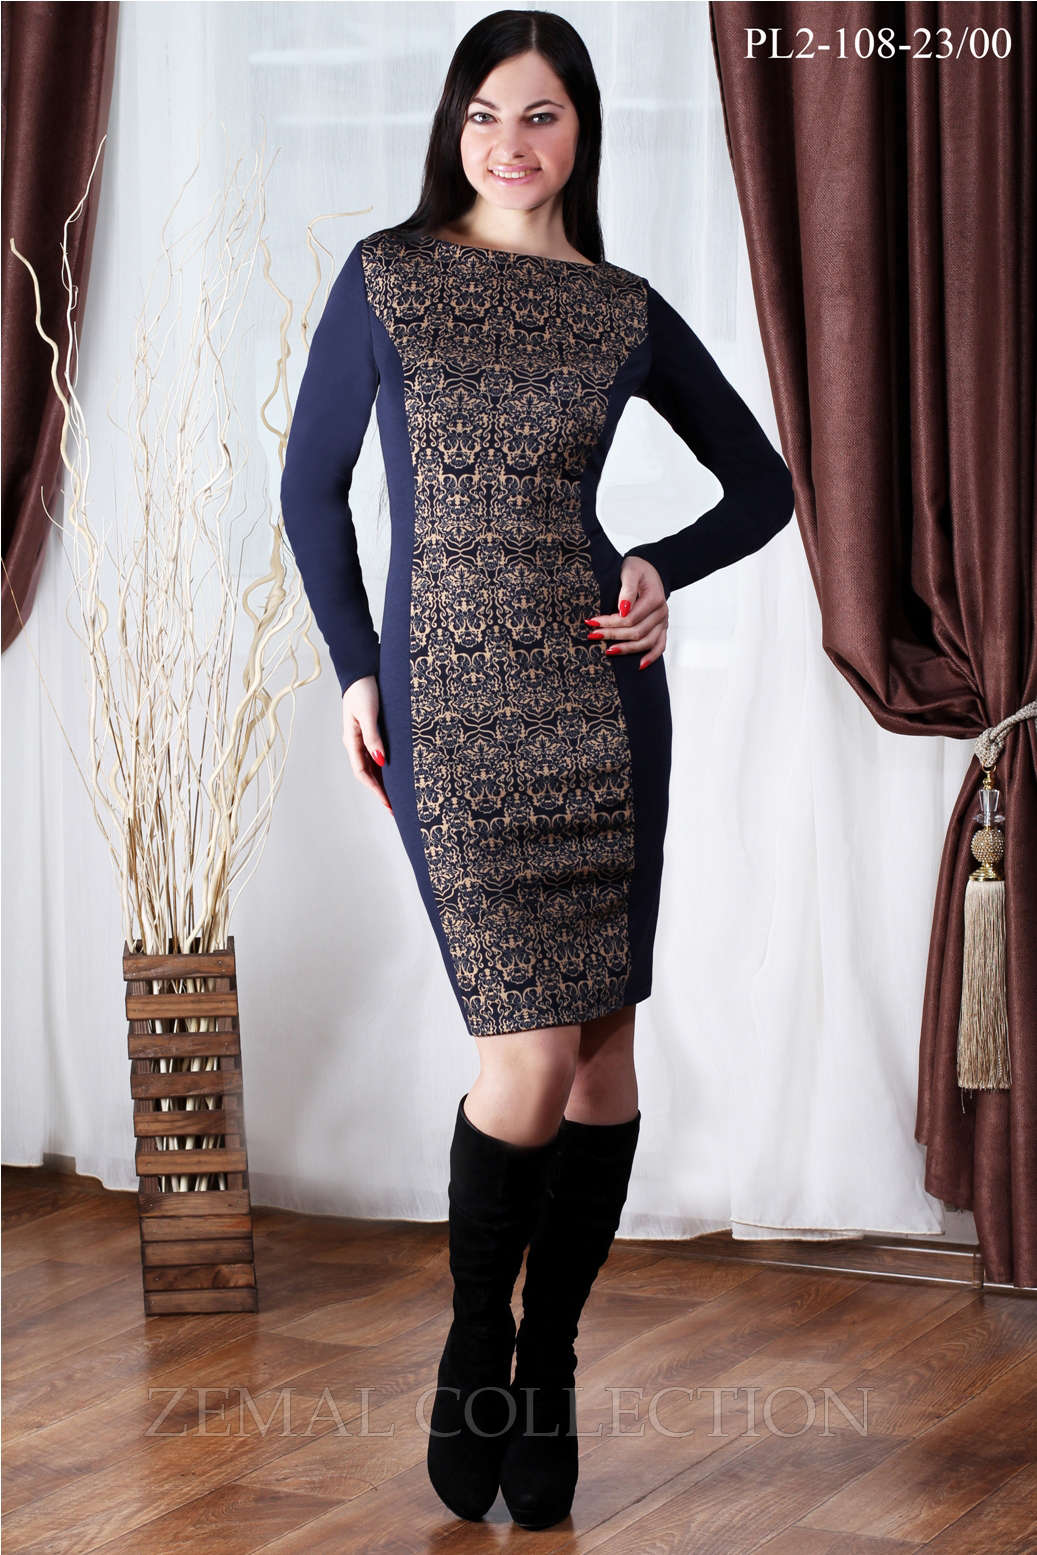 Женская Одежда Маленьких Размеров